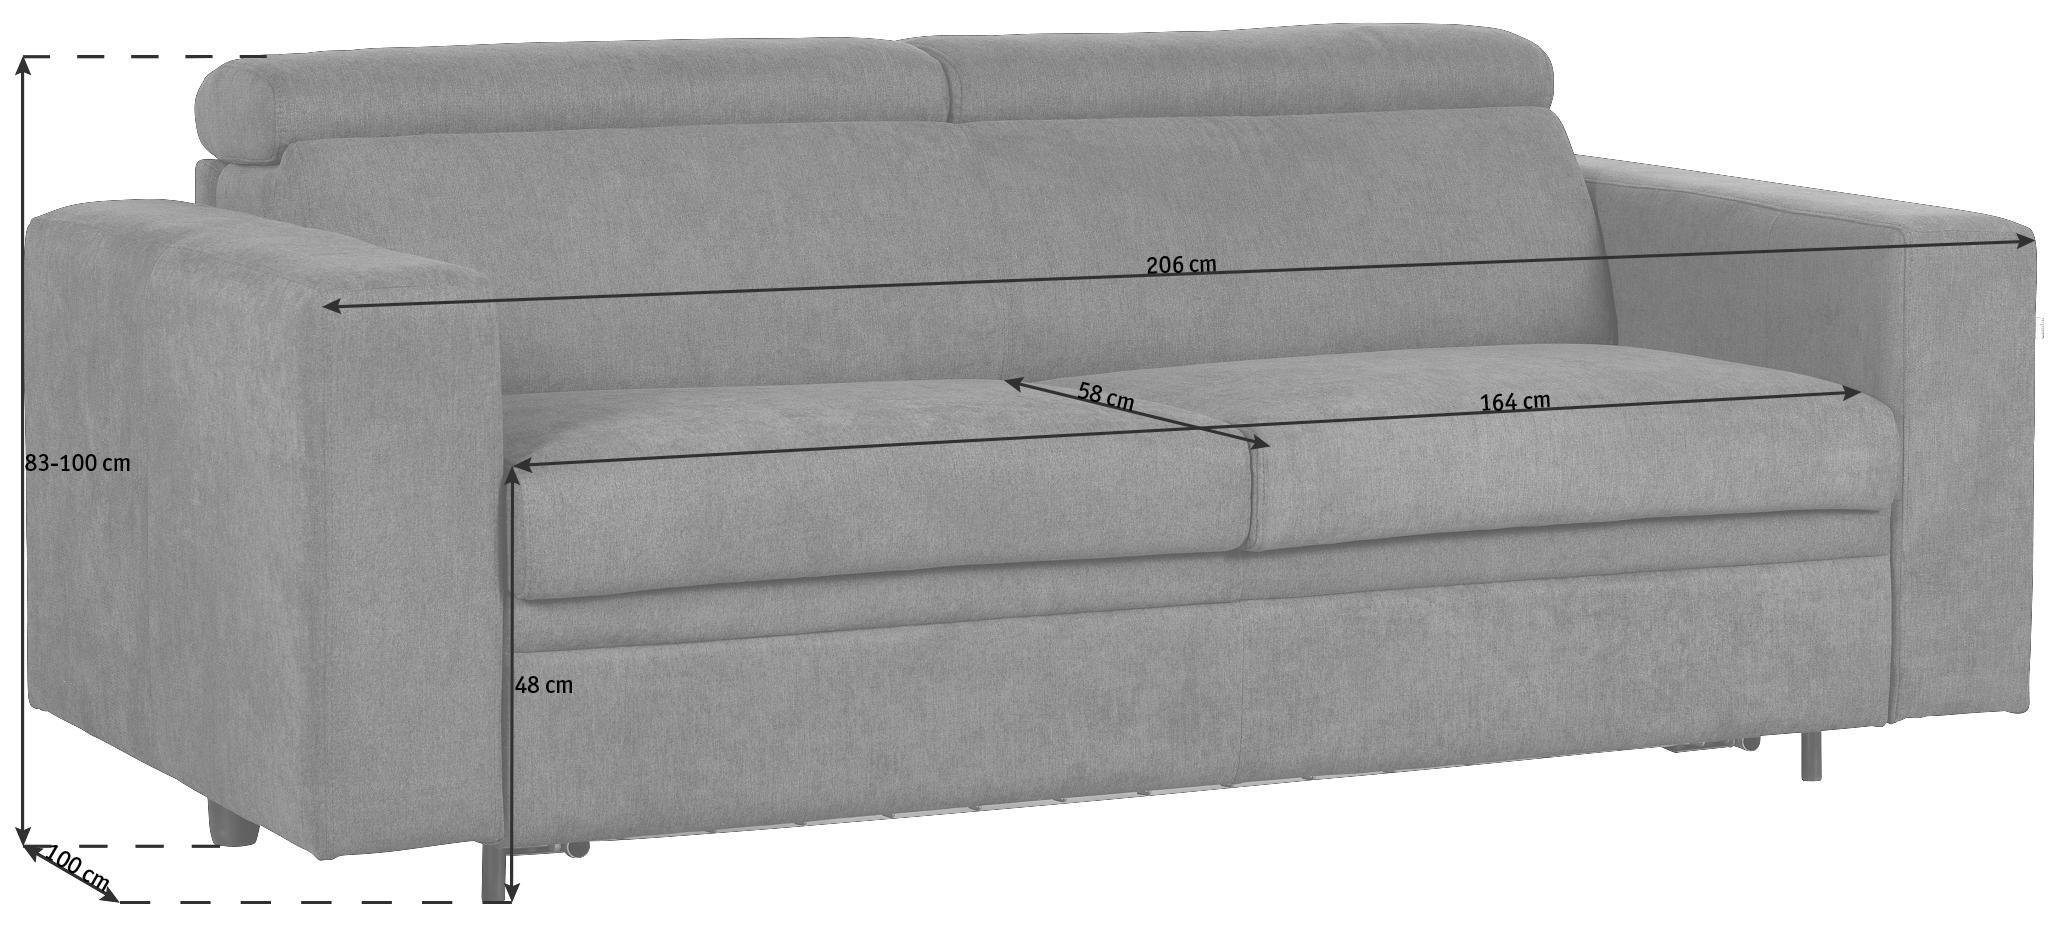 BÄDDSOFFA - mörkgrå/svart, Klassisk, textil/plast (206/83-100/100cm) - Venda